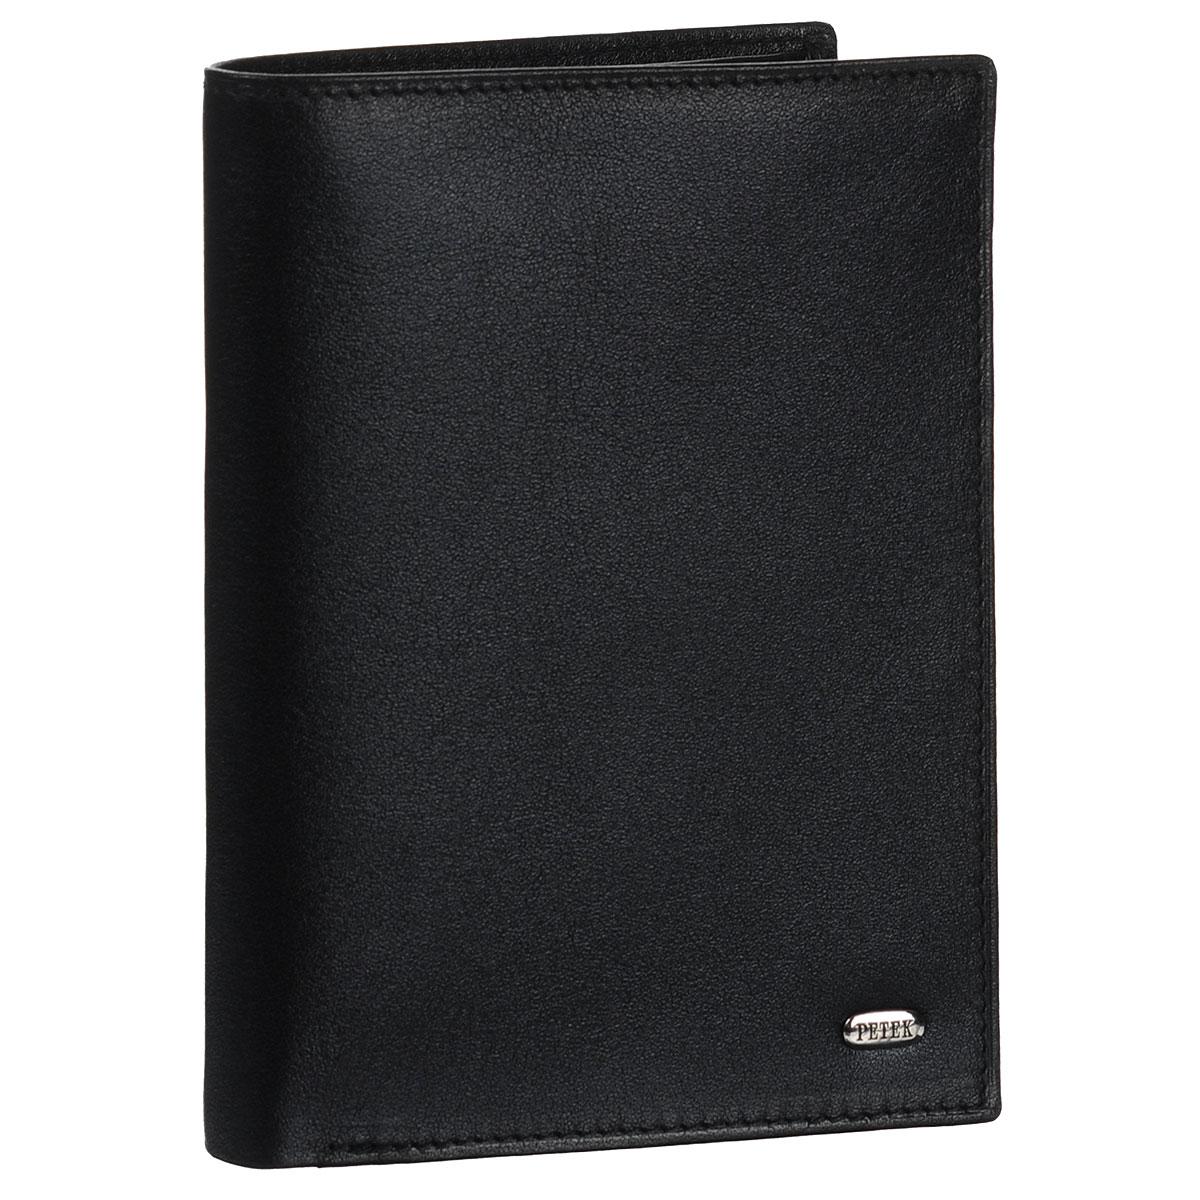 Обложка для паспорта и портмоне Petek, цвет: черный. 597.000.011-022_516Обложка для паспорта и портмоне не только поможет сохранить внешний вид ваших документов и защитить их от повреждений, но и станет стильным аксессуаром, идеально подходящим вашему образу. Обложка выполнена из натуральной кожи. На внутреннем развороте имеются два отделения для купюр, два кармана с сетчатыми вставками, пять кармашков для пластиковых карт, один вертикальный карман и два дополнительных кармашка для бумаг. Упакована обложка в фирменную картонную коробку. Такая обложка станет замечательным подарком человеку, ценящему качественные и практичные вещи.